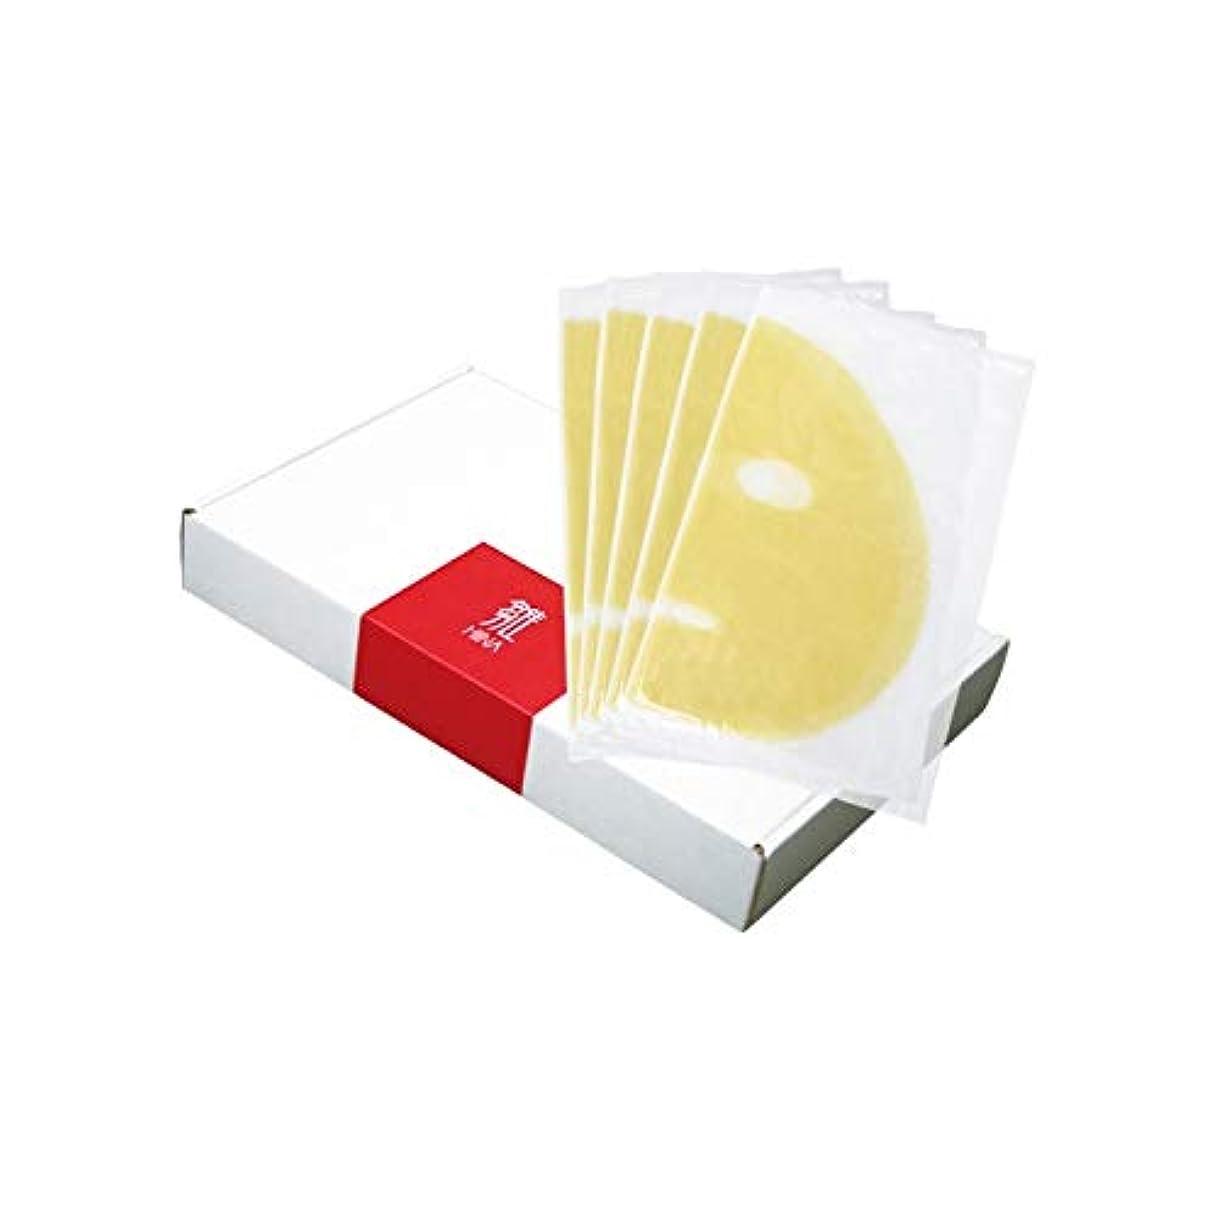 床を掃除するアプト四回雛(HIINA) 天然生ゆばパック 1箱5枚入り(要冷凍)